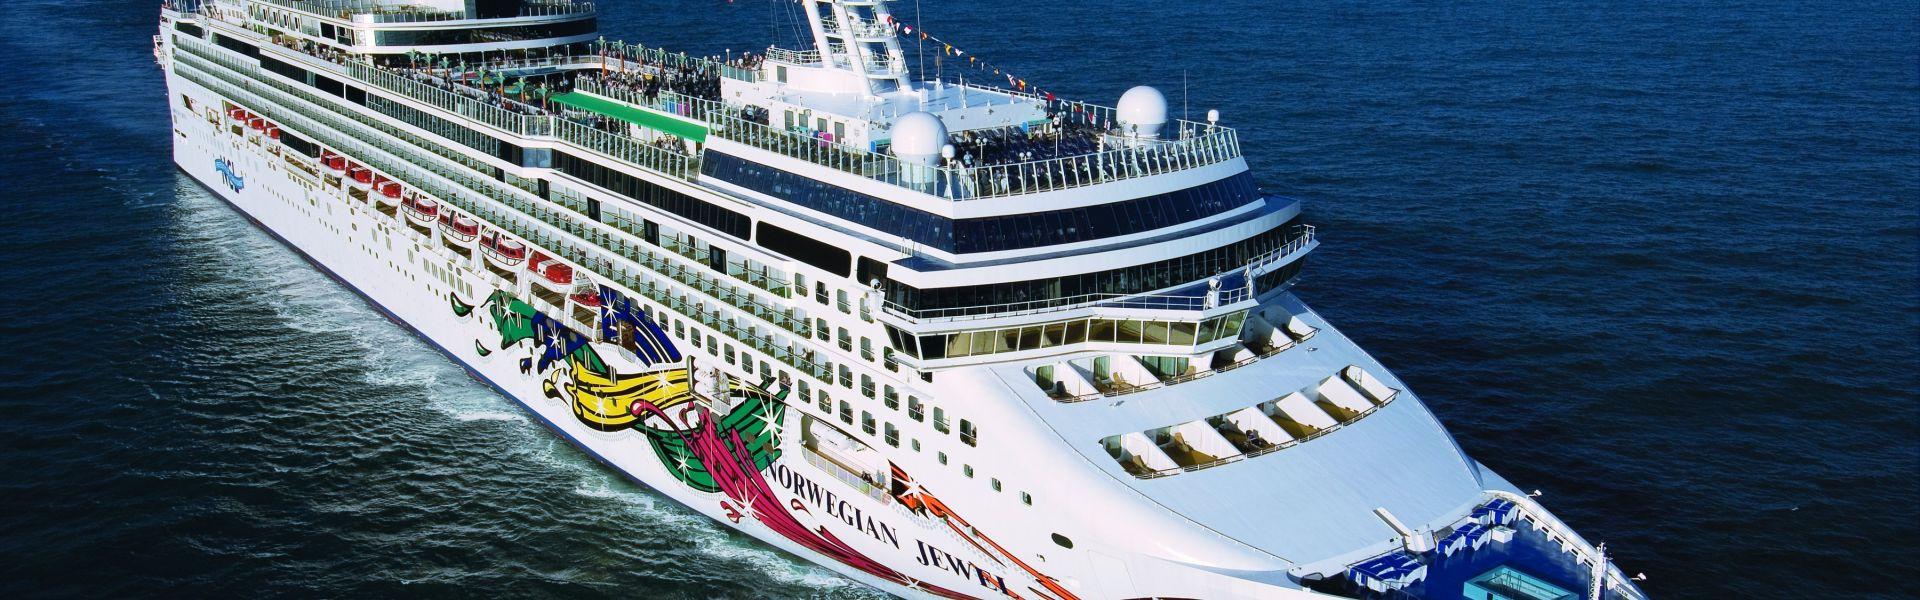 Croaziera Grup Organizat 2017 cu ZBOR INCLUS - Australia si Noua Zeelanda - Norwegian Cruise Line - Norwegian Jewel - 17 nopti - 14 Noiembrie